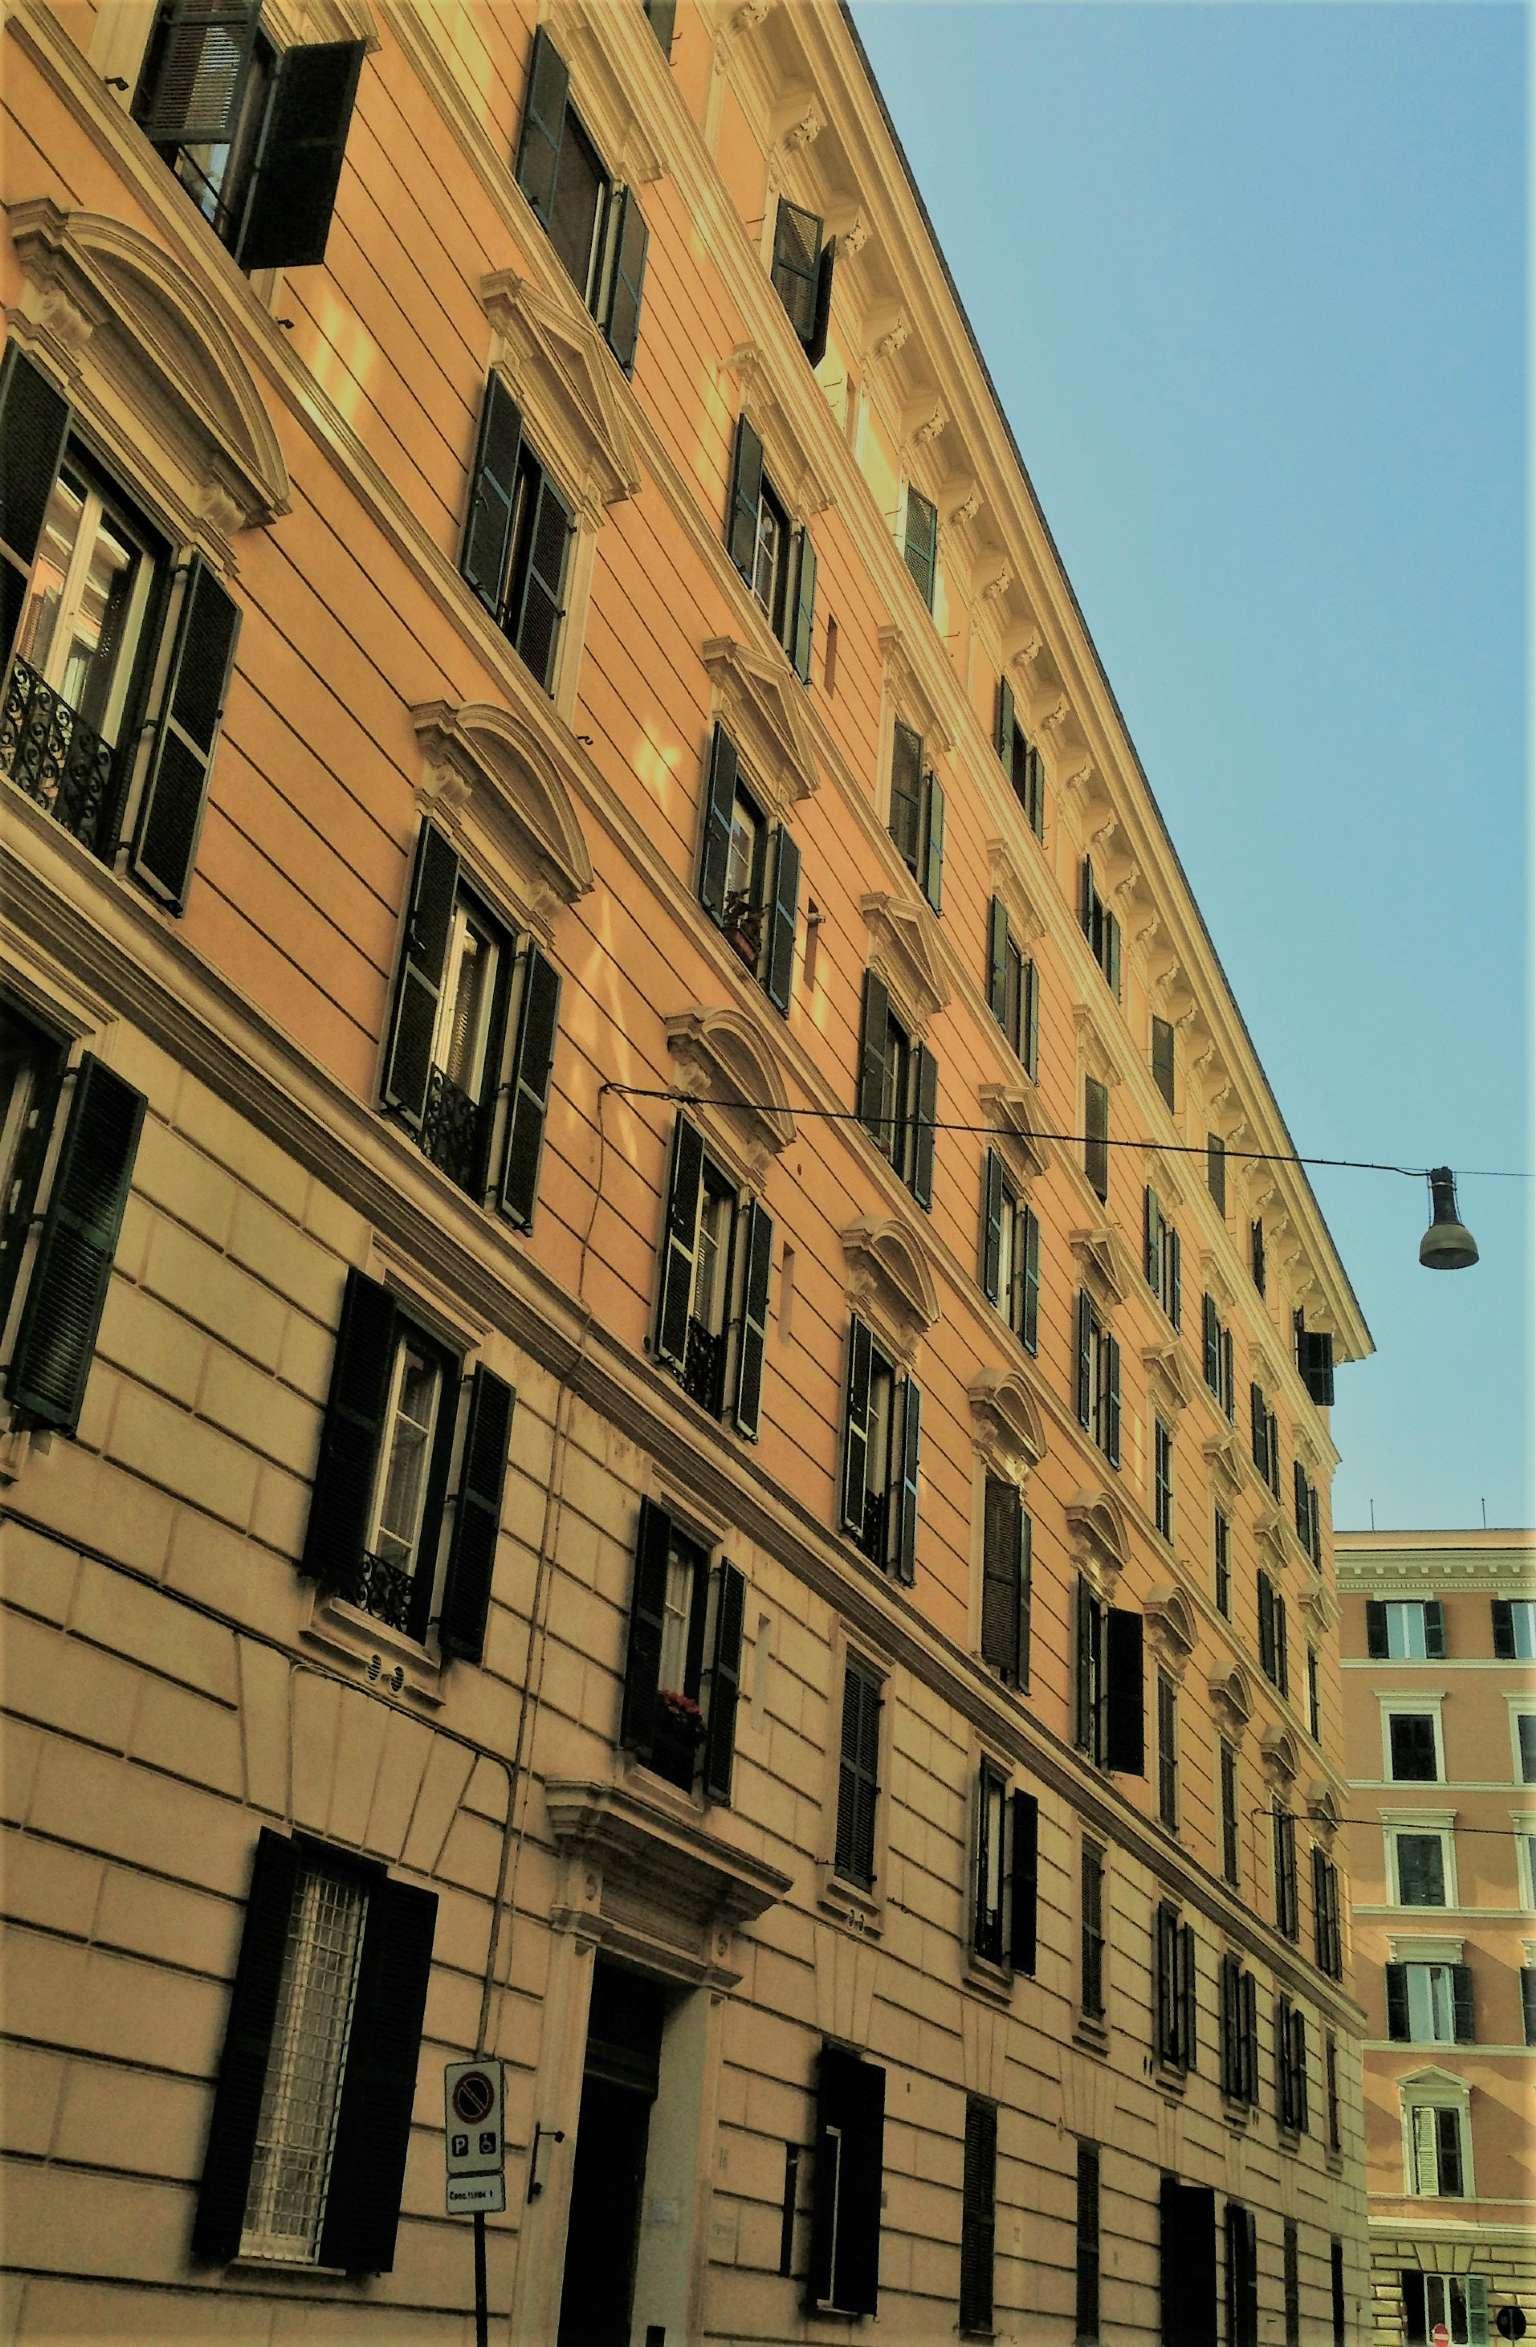 Annunci immobiliari inserzionista pietro paolo gabrielli for Annunci immobiliari roma